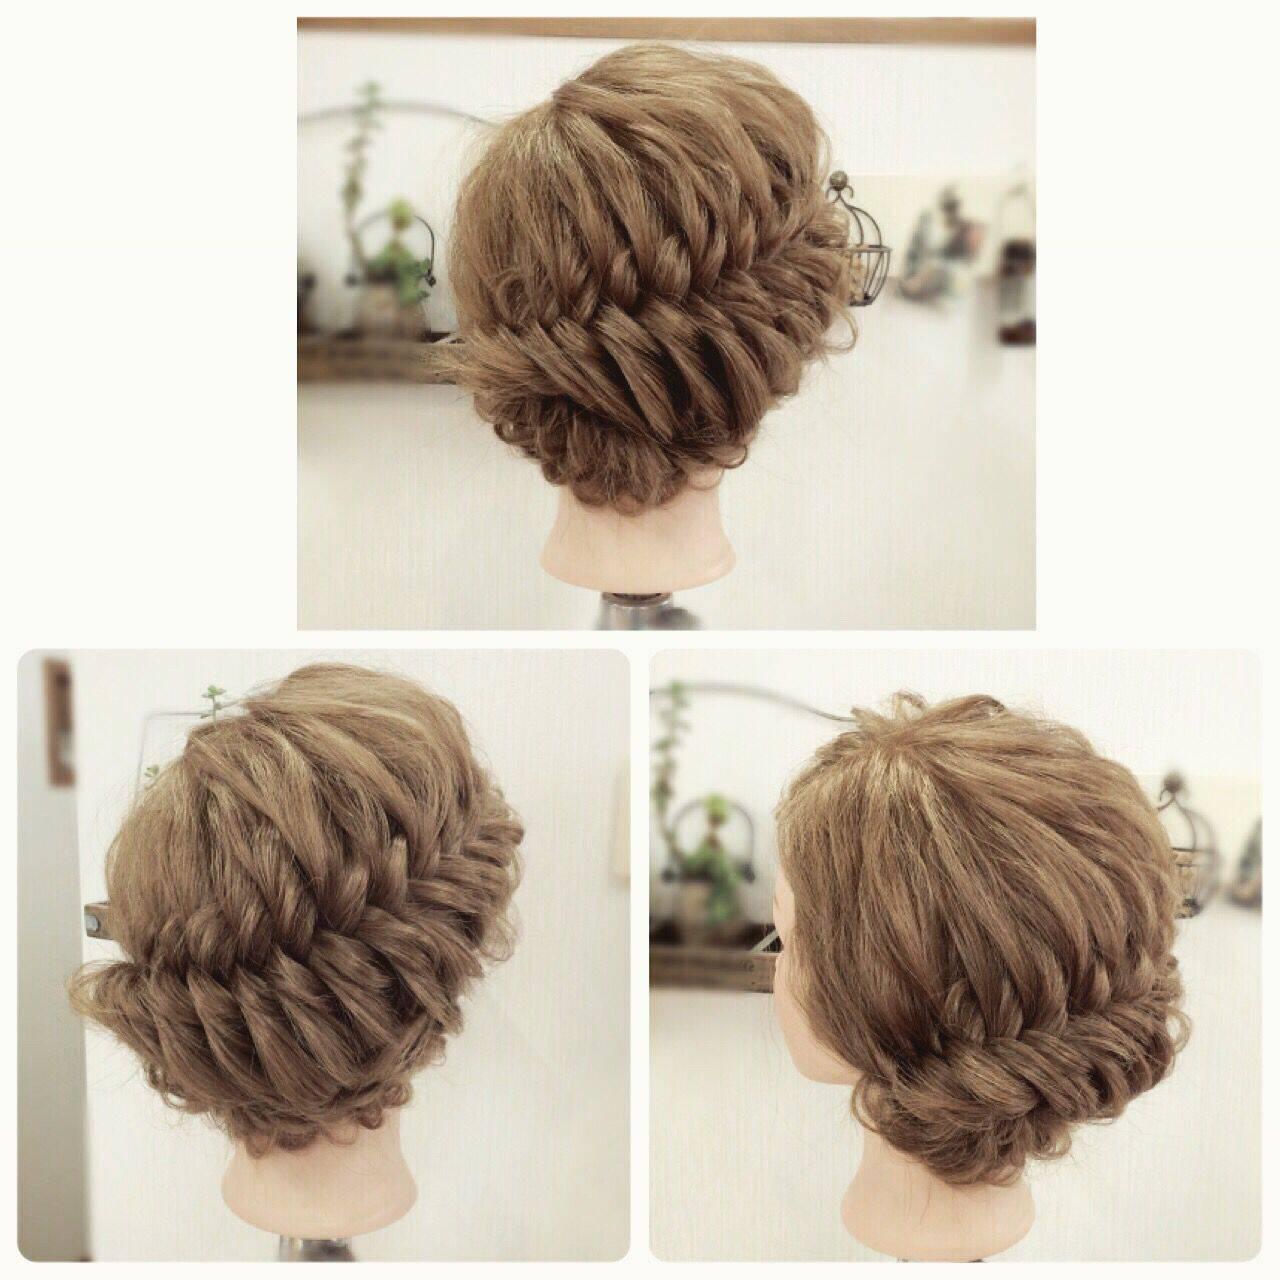 フィッシュボーン パーティ 編み込み ロングヘアスタイルや髪型の写真・画像